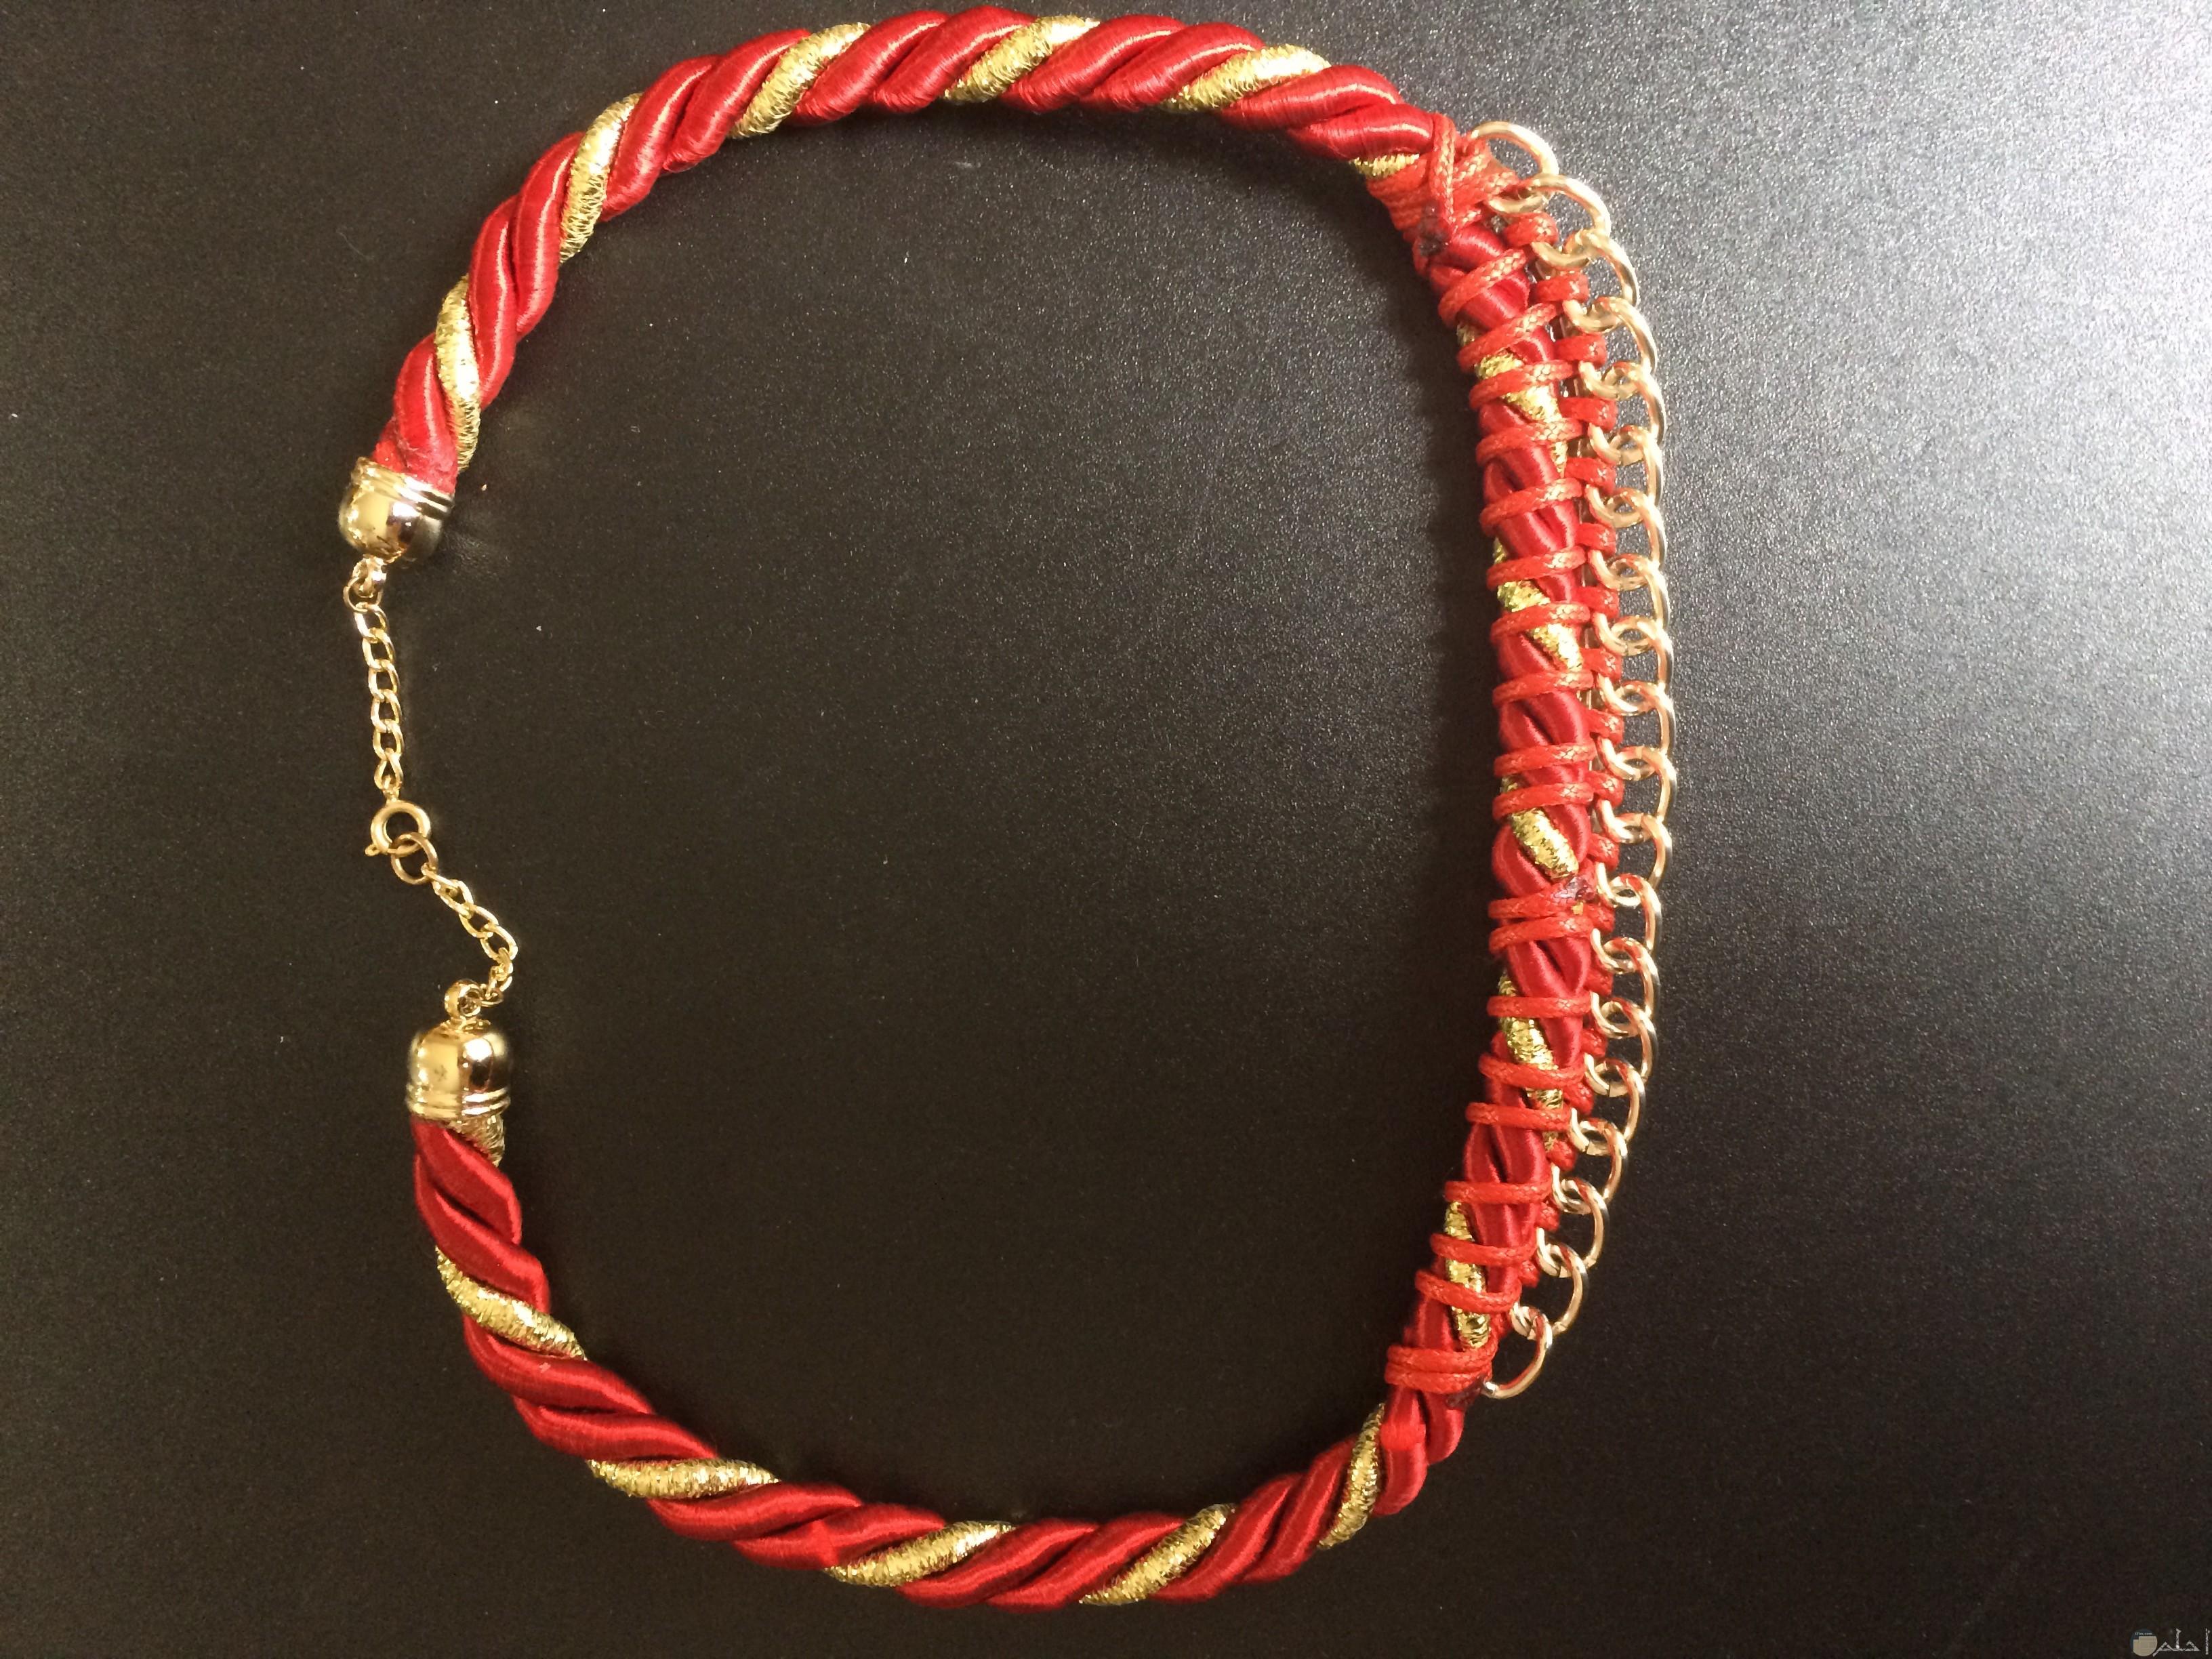 صورة إكسسوار هاند ميد إحترافي لليدين باللون الأحمر والذهبي